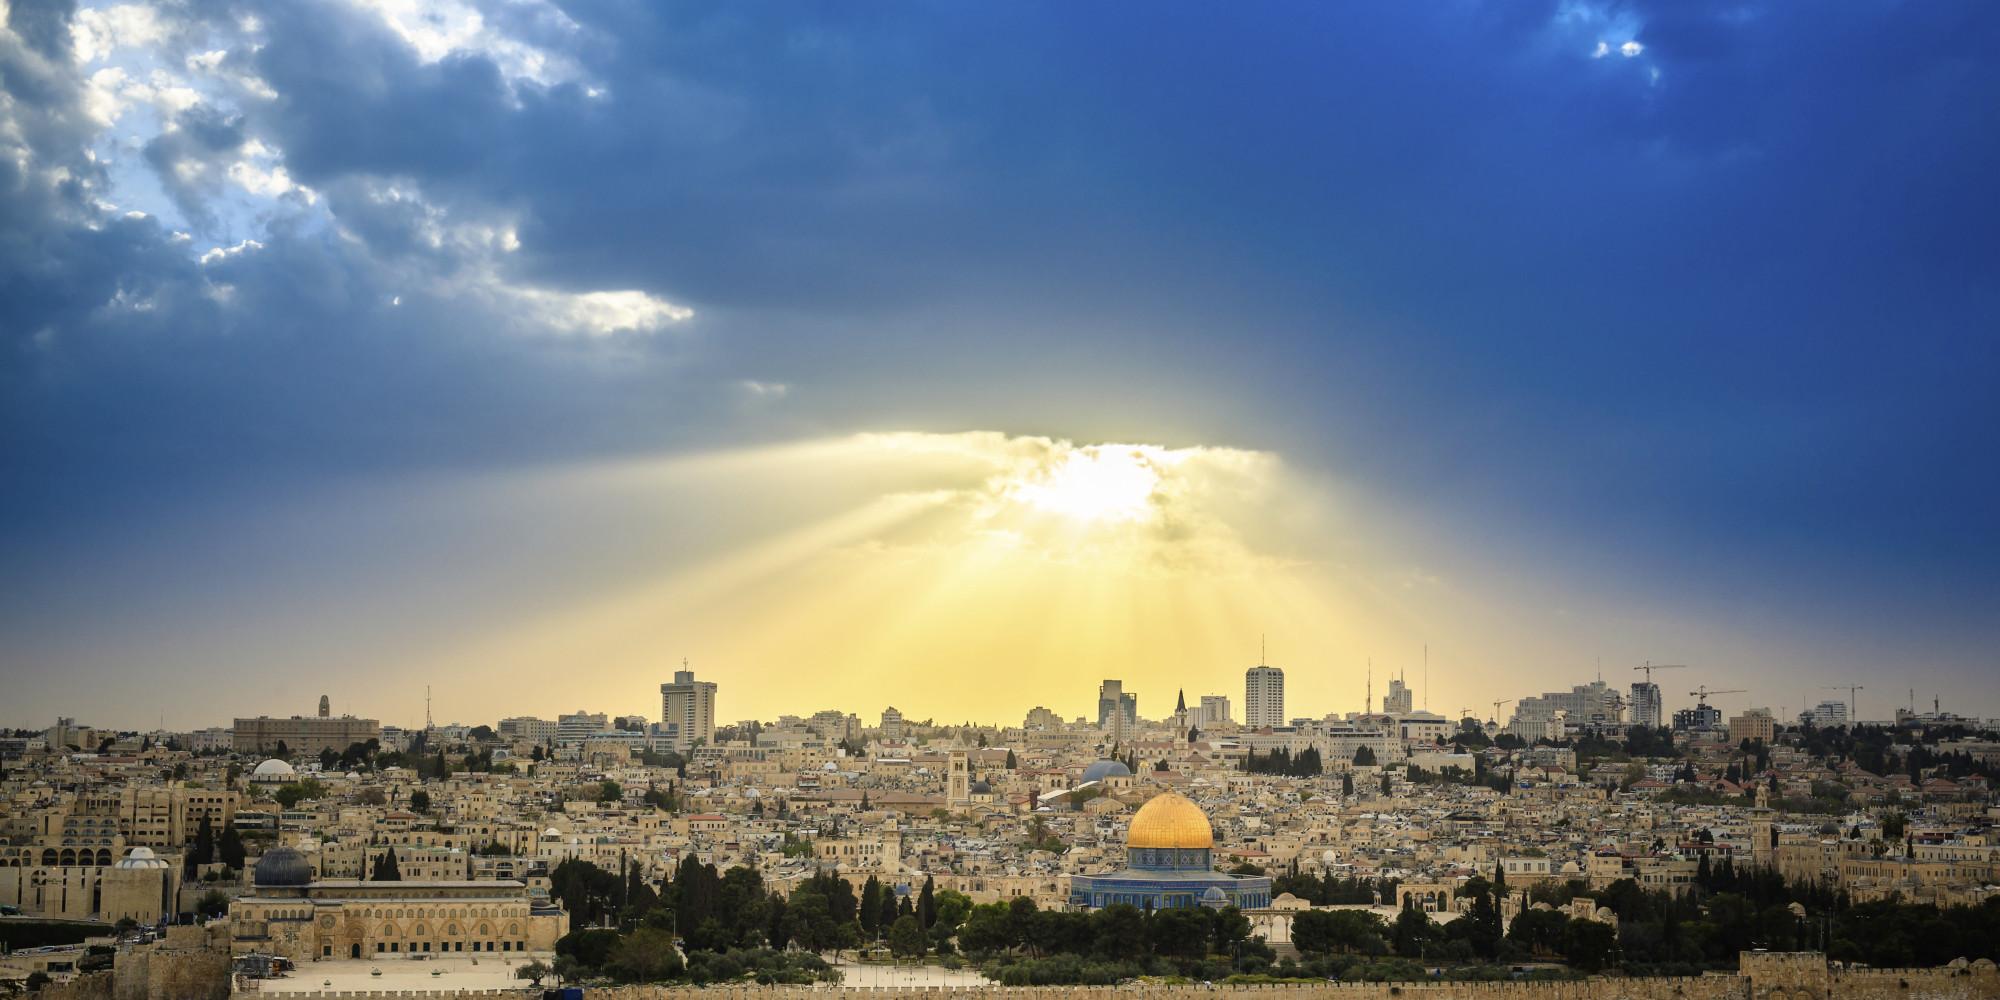 o-jerusalem-israel-facebook.jpg